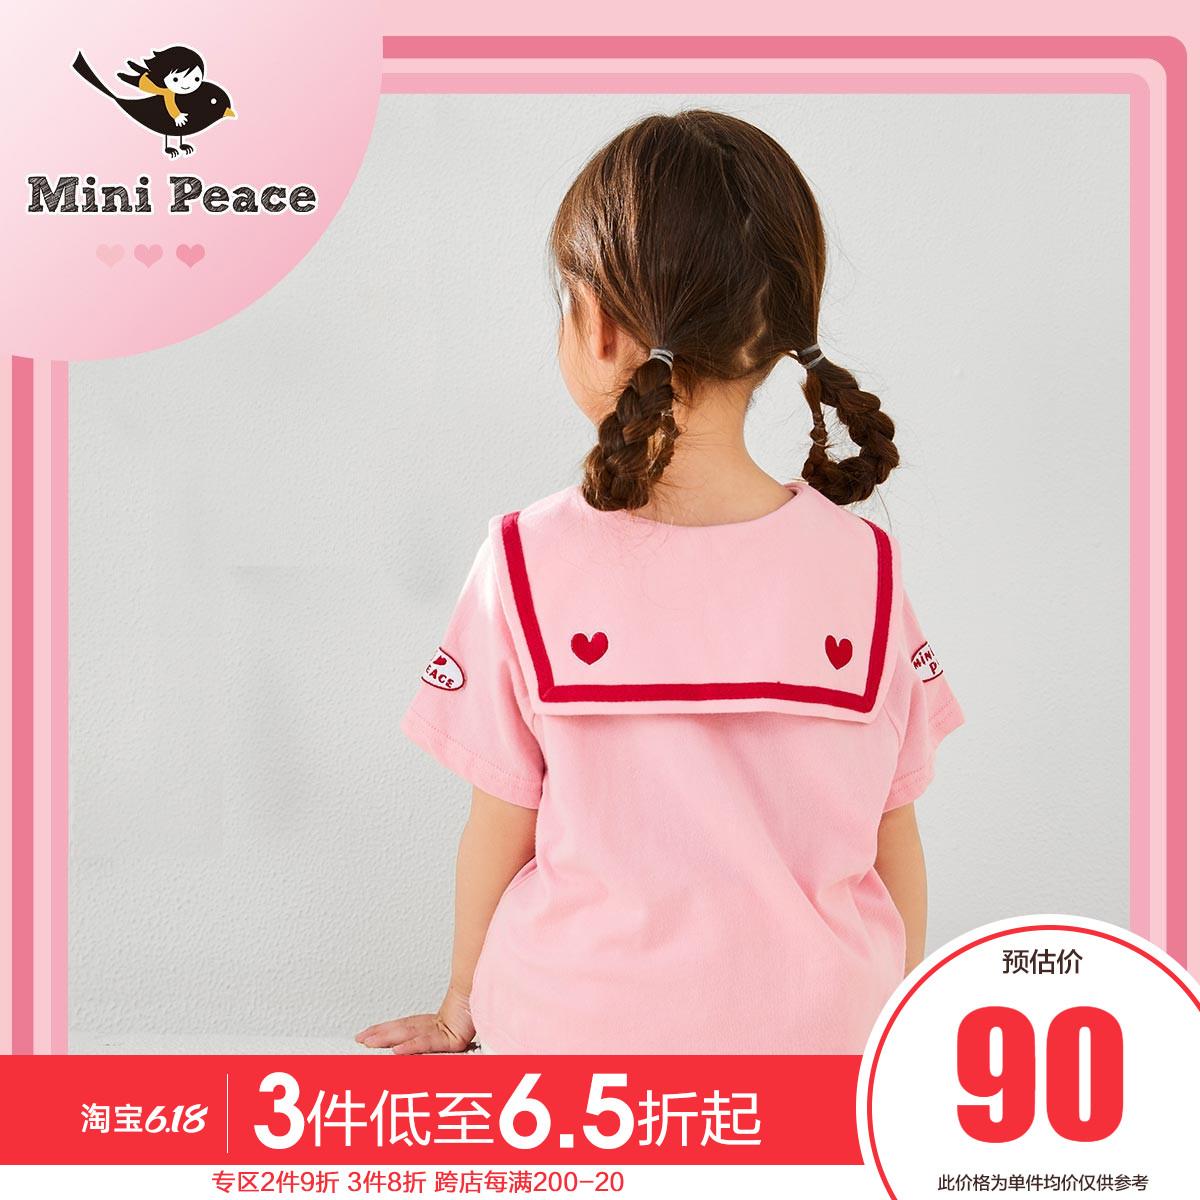 minipeace童装女童短袖T恤学院风宝宝海军领上衣2020新款